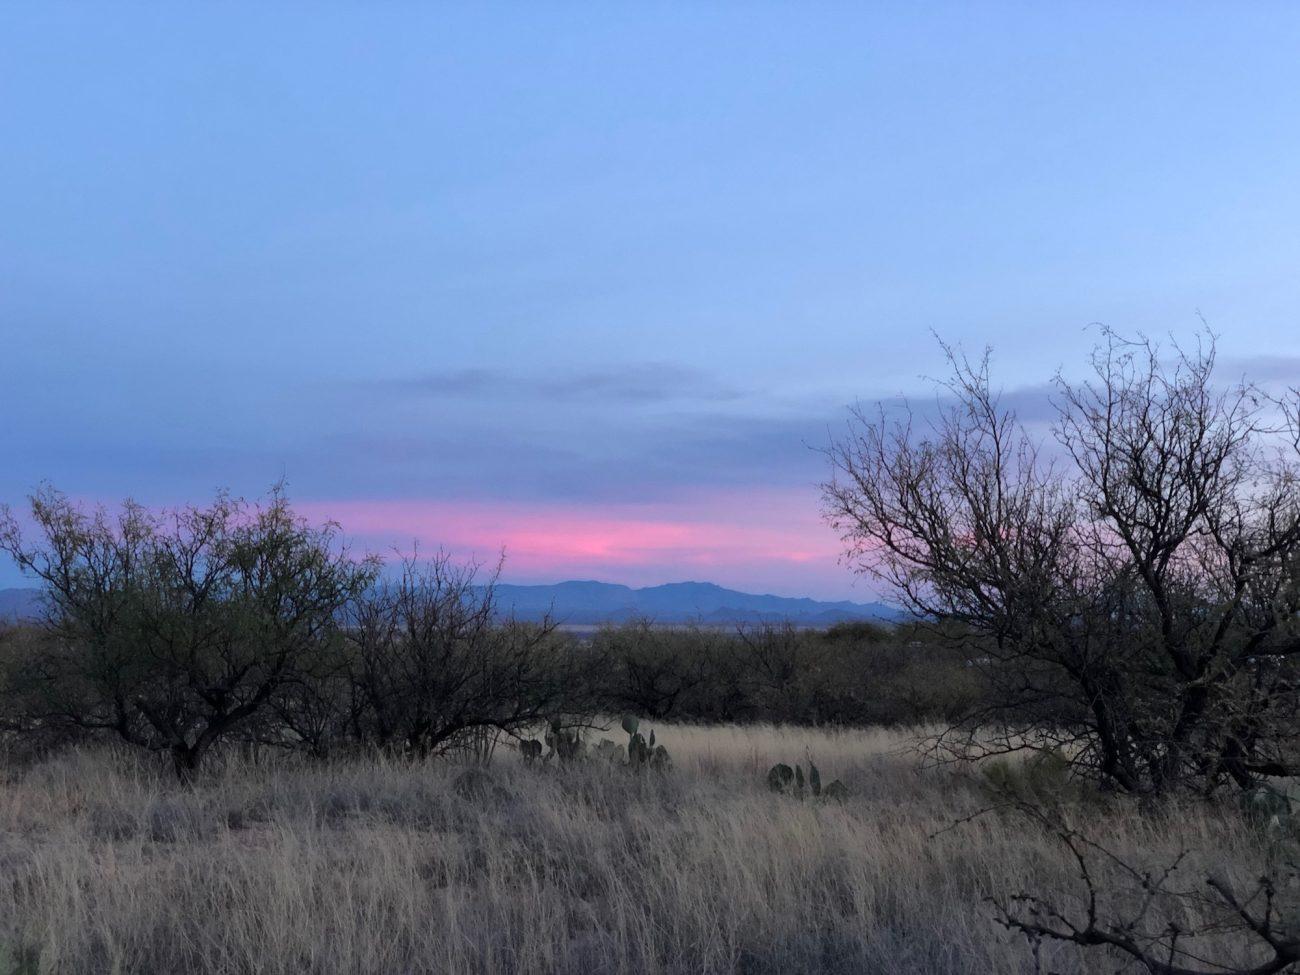 Sunset at Kartchner Caverns State Park